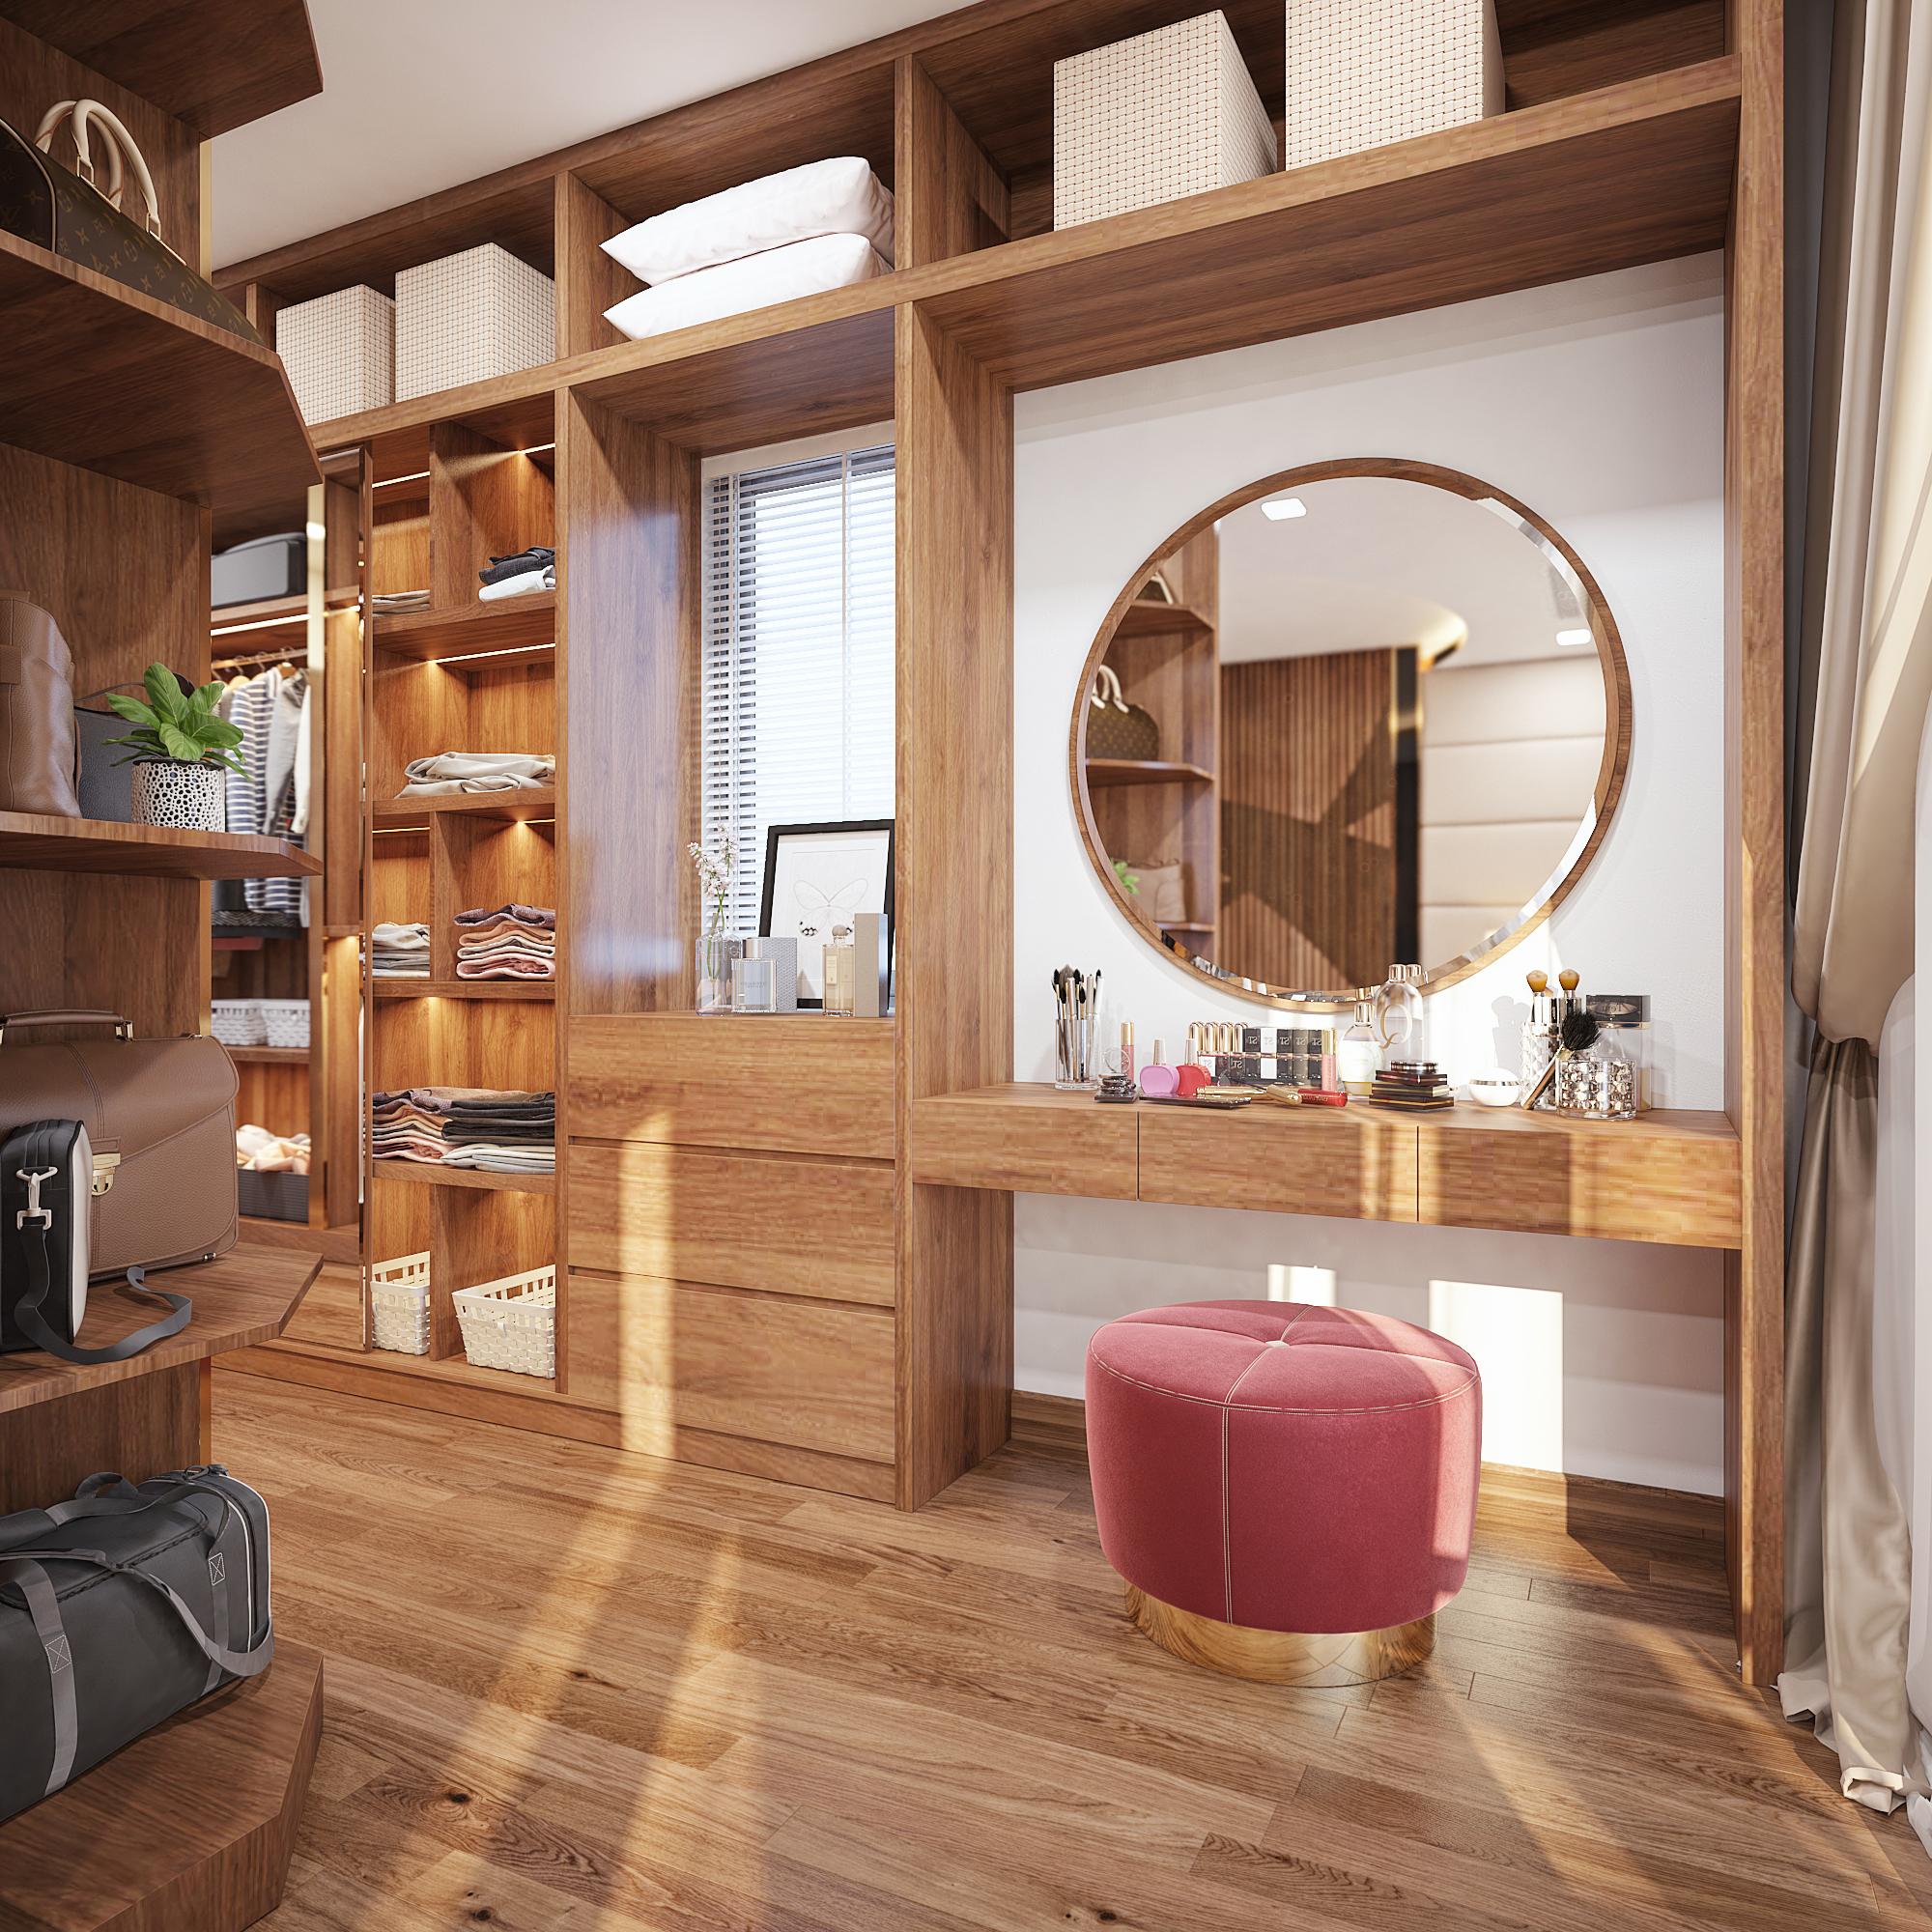 Thiết kế nội thất Biệt Thự tại Sơn La INTERIORO _02 1575334965 14